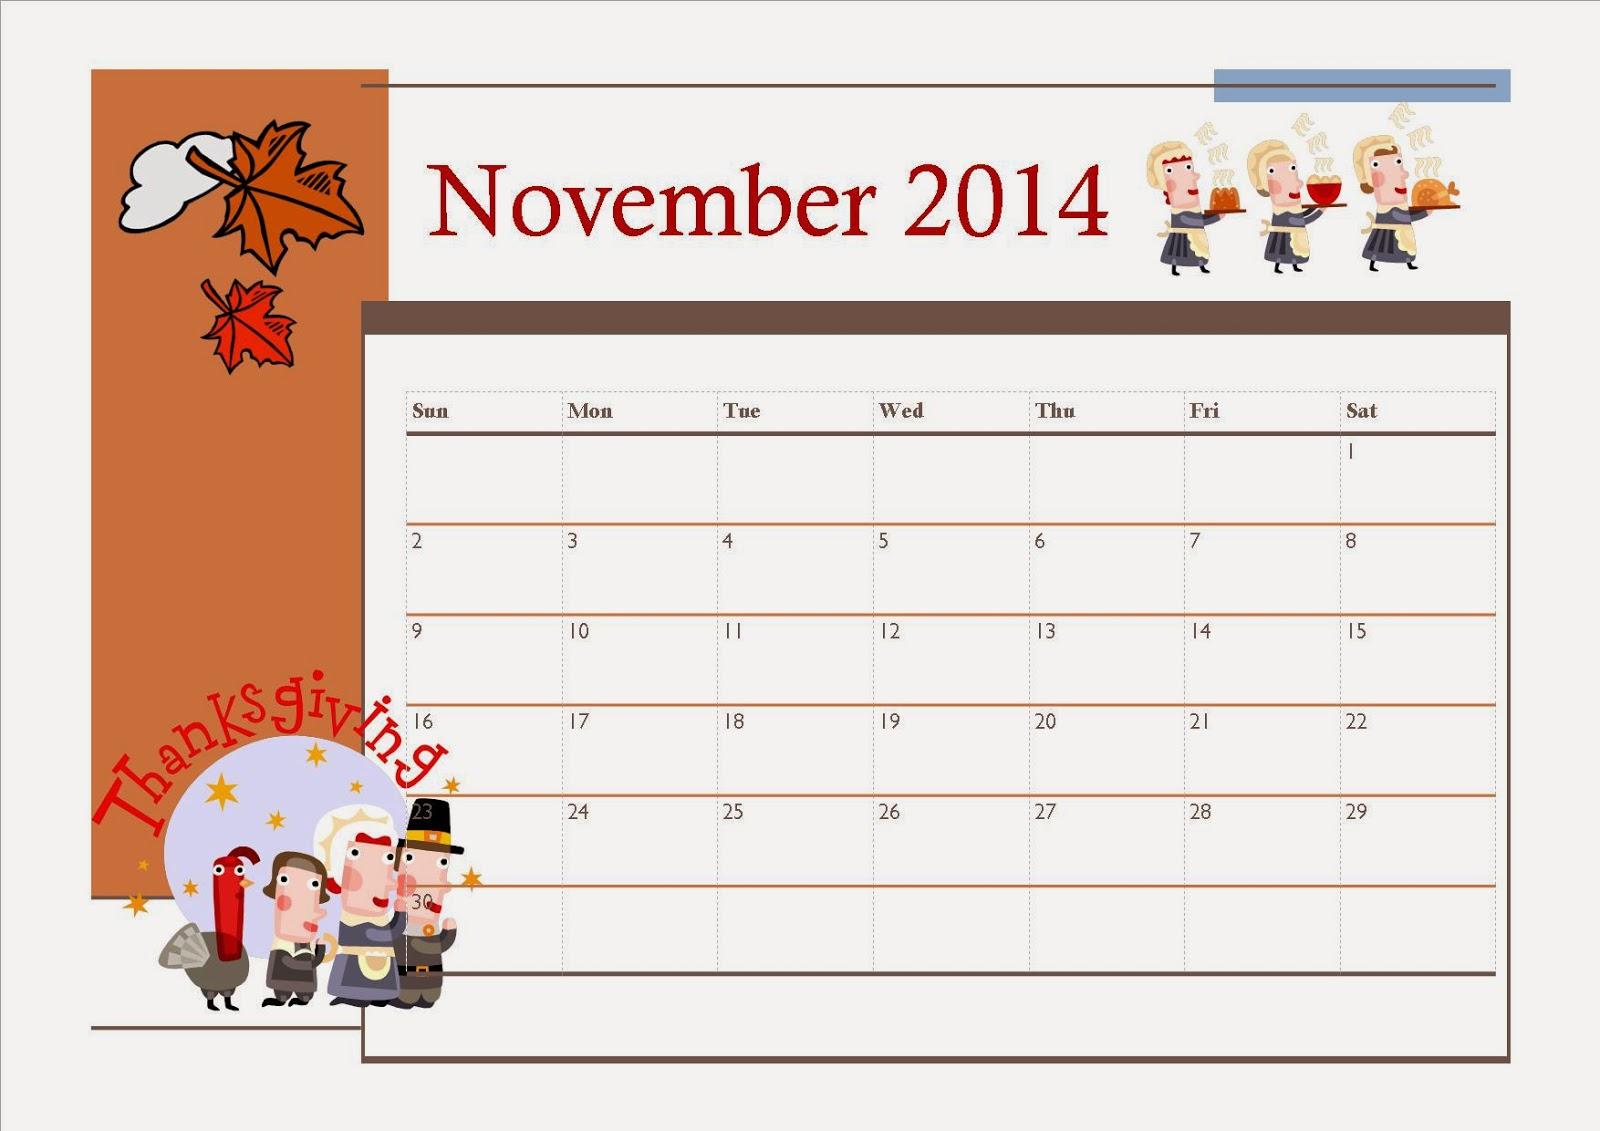 2015 november calendar clipart jpg black and white download Clipart calendar november 2014 - ClipartFest jpg black and white download